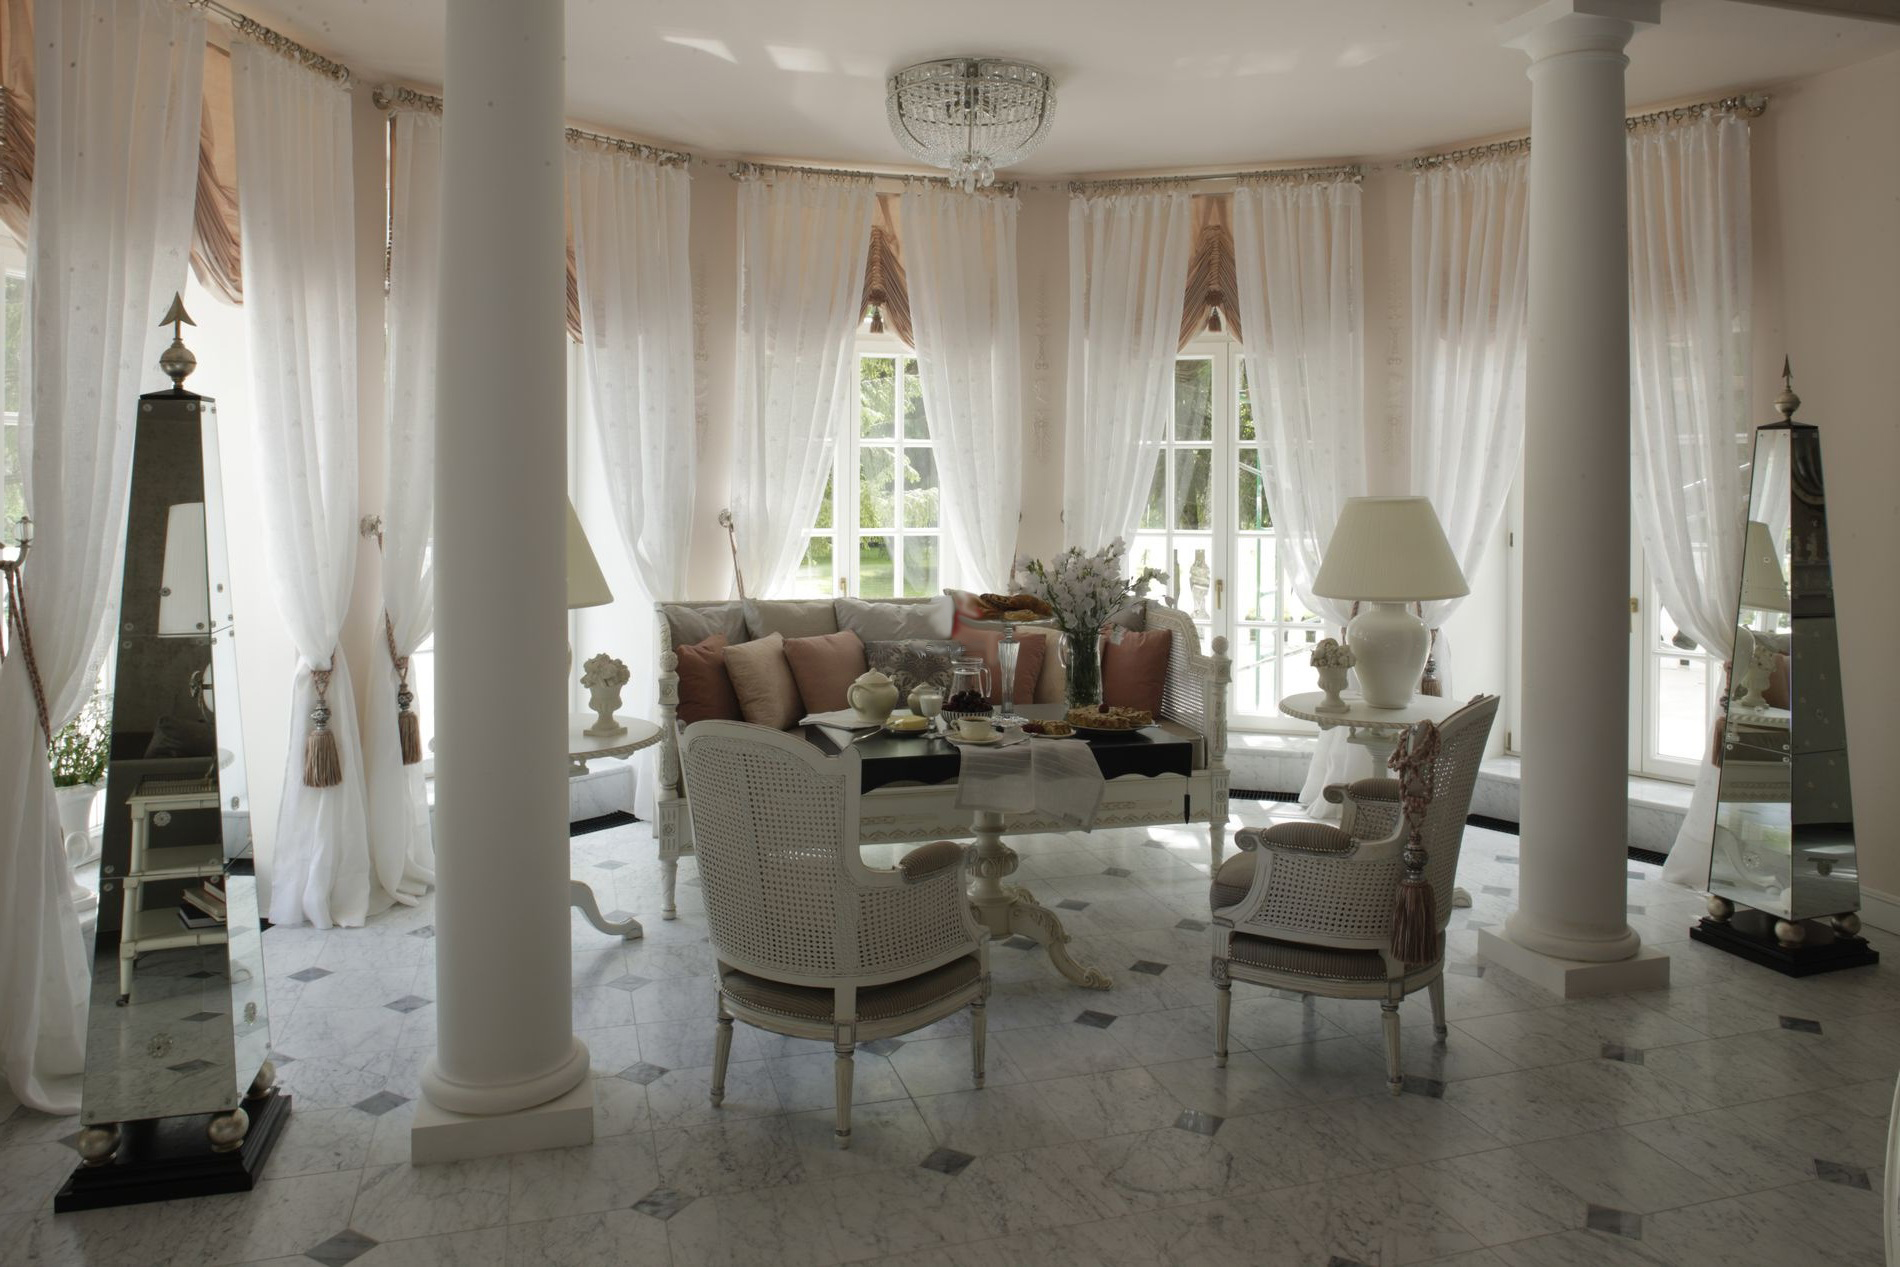 Гостиная в белых тонах с колоннами во французском стиле